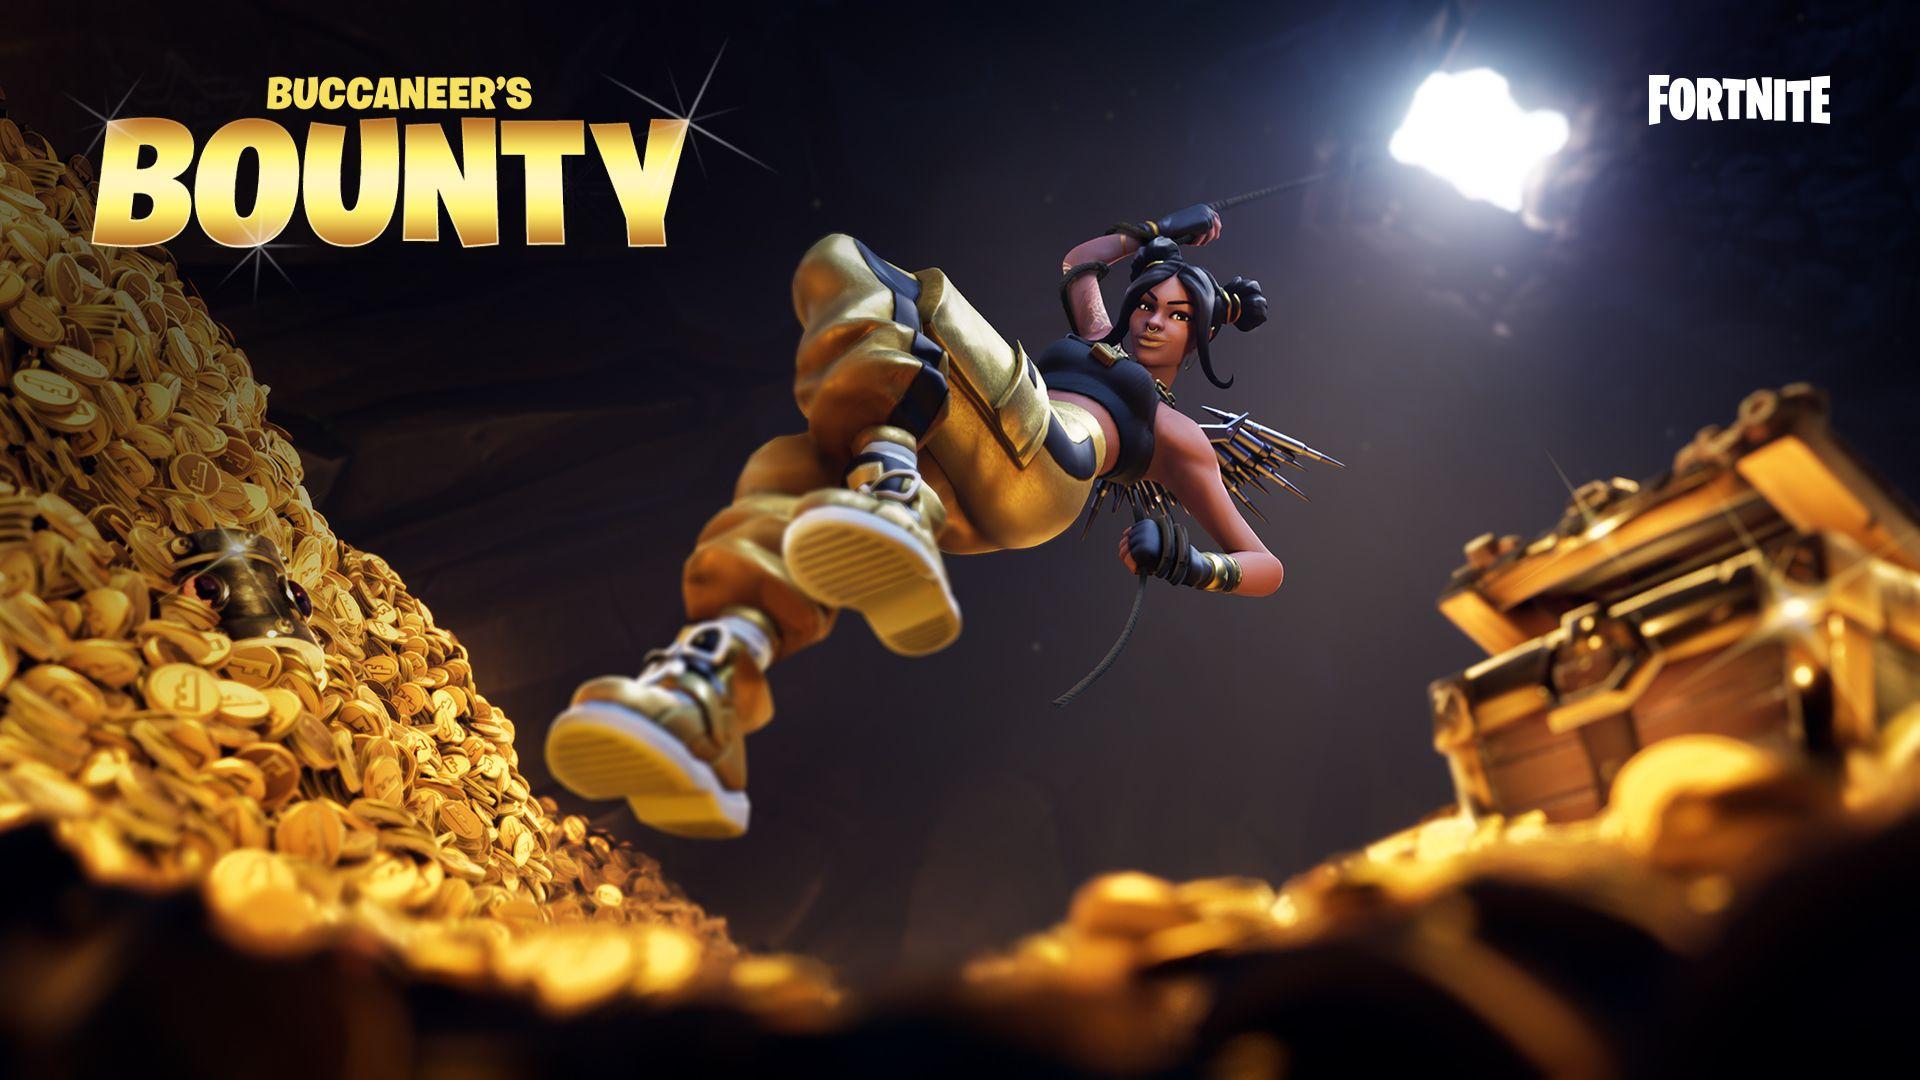 Fortnite' Update 8 30 Adds Reboot Van & Buccaneer's Bounty